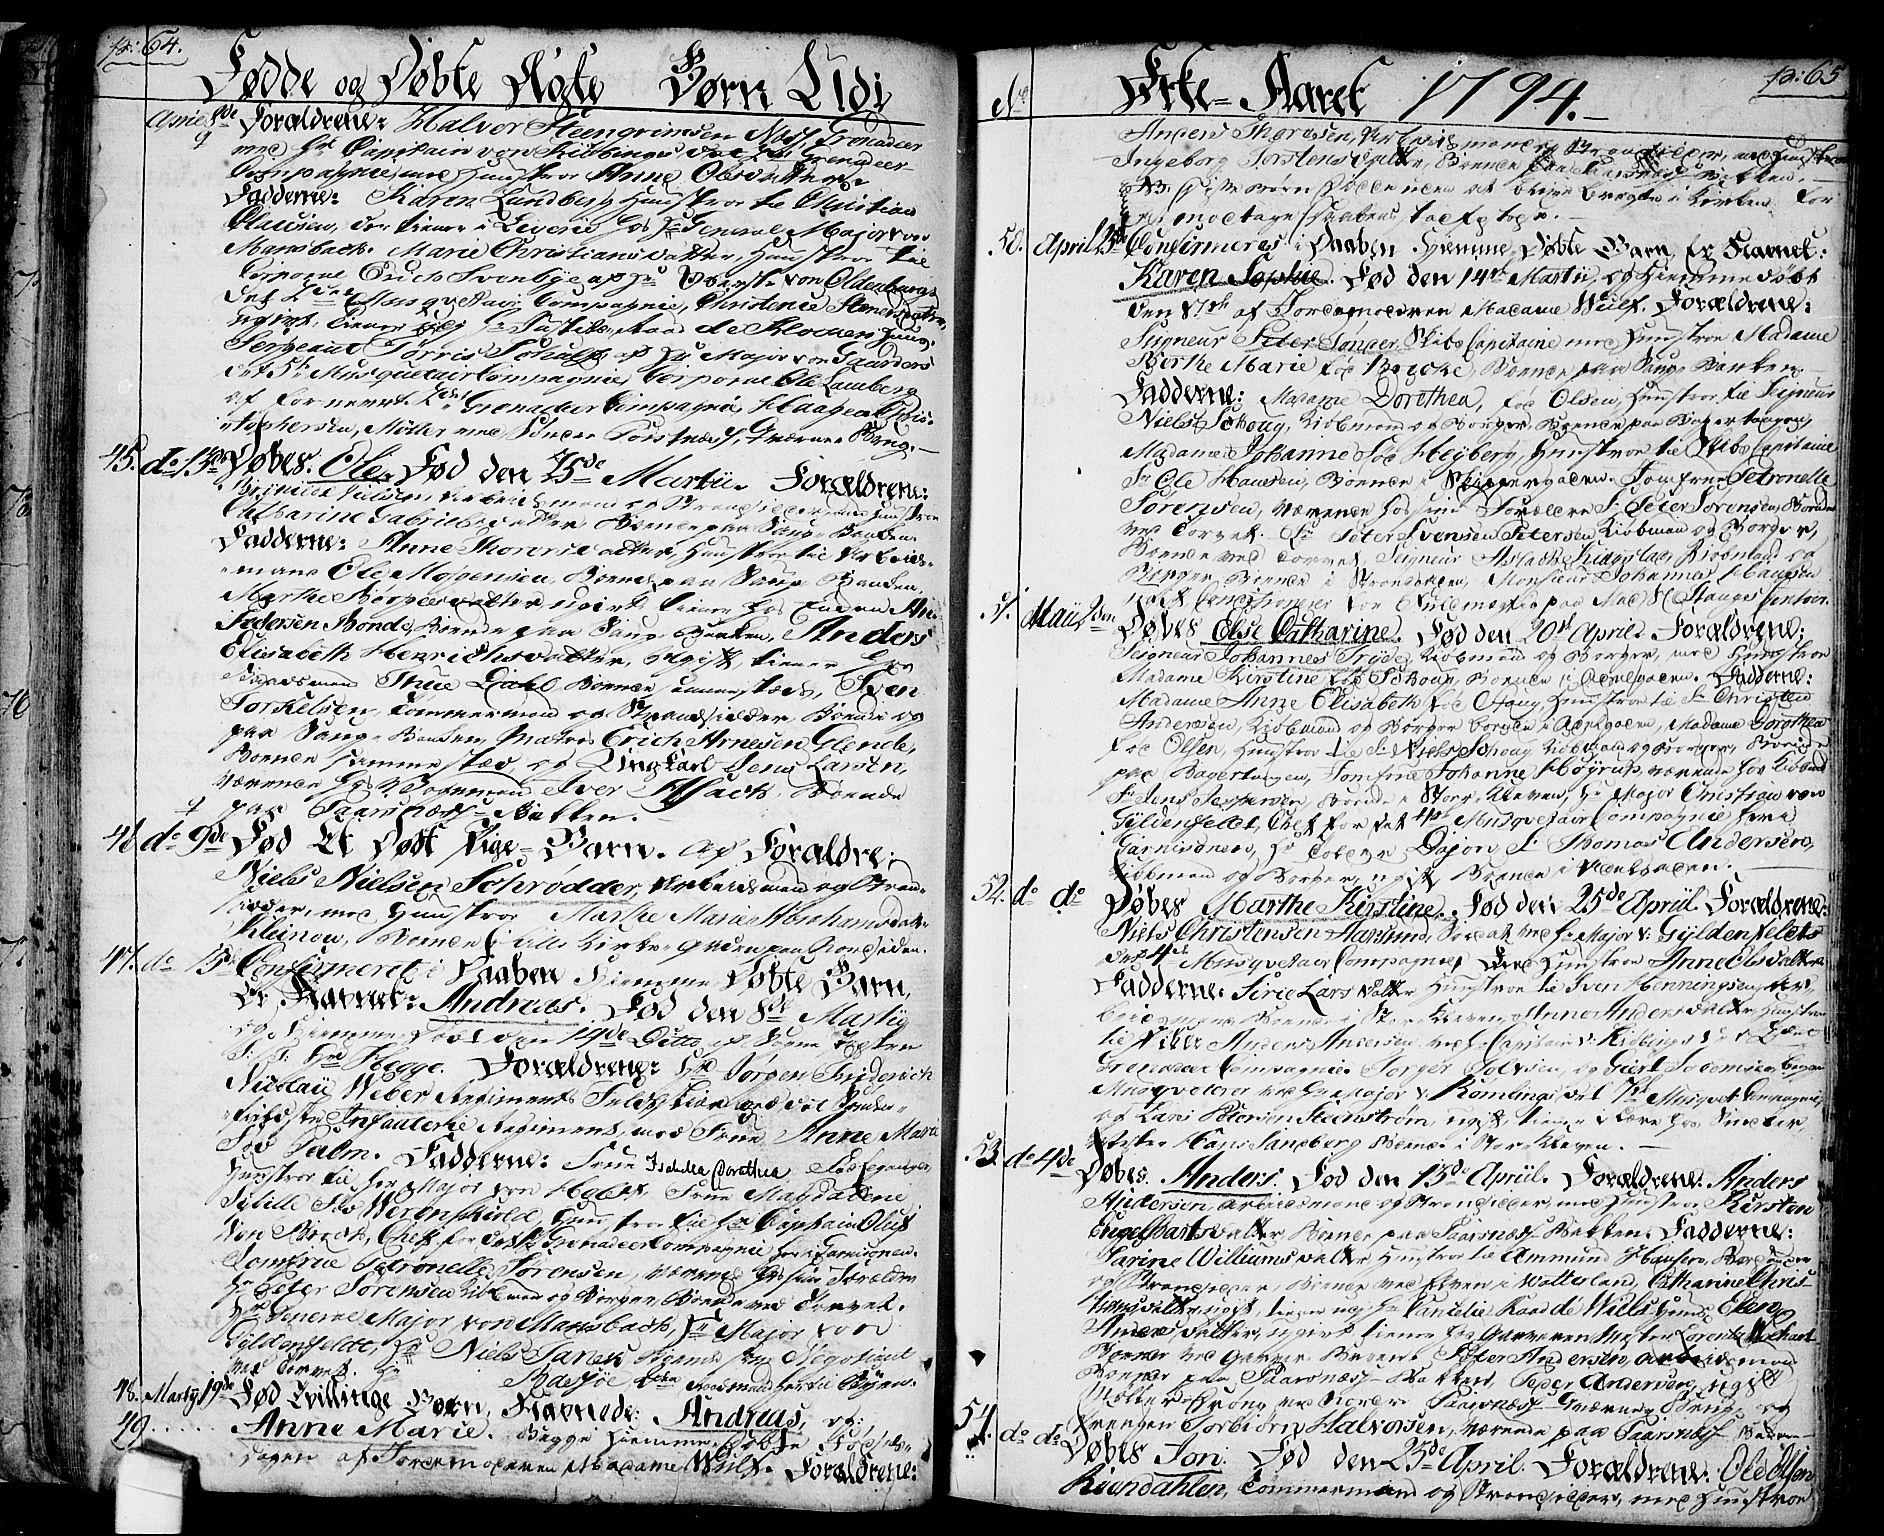 SAO, Halden prestekontor Kirkebøker, F/Fa/L0002: Ministerialbok nr. I 2, 1792-1812, s. 64-65